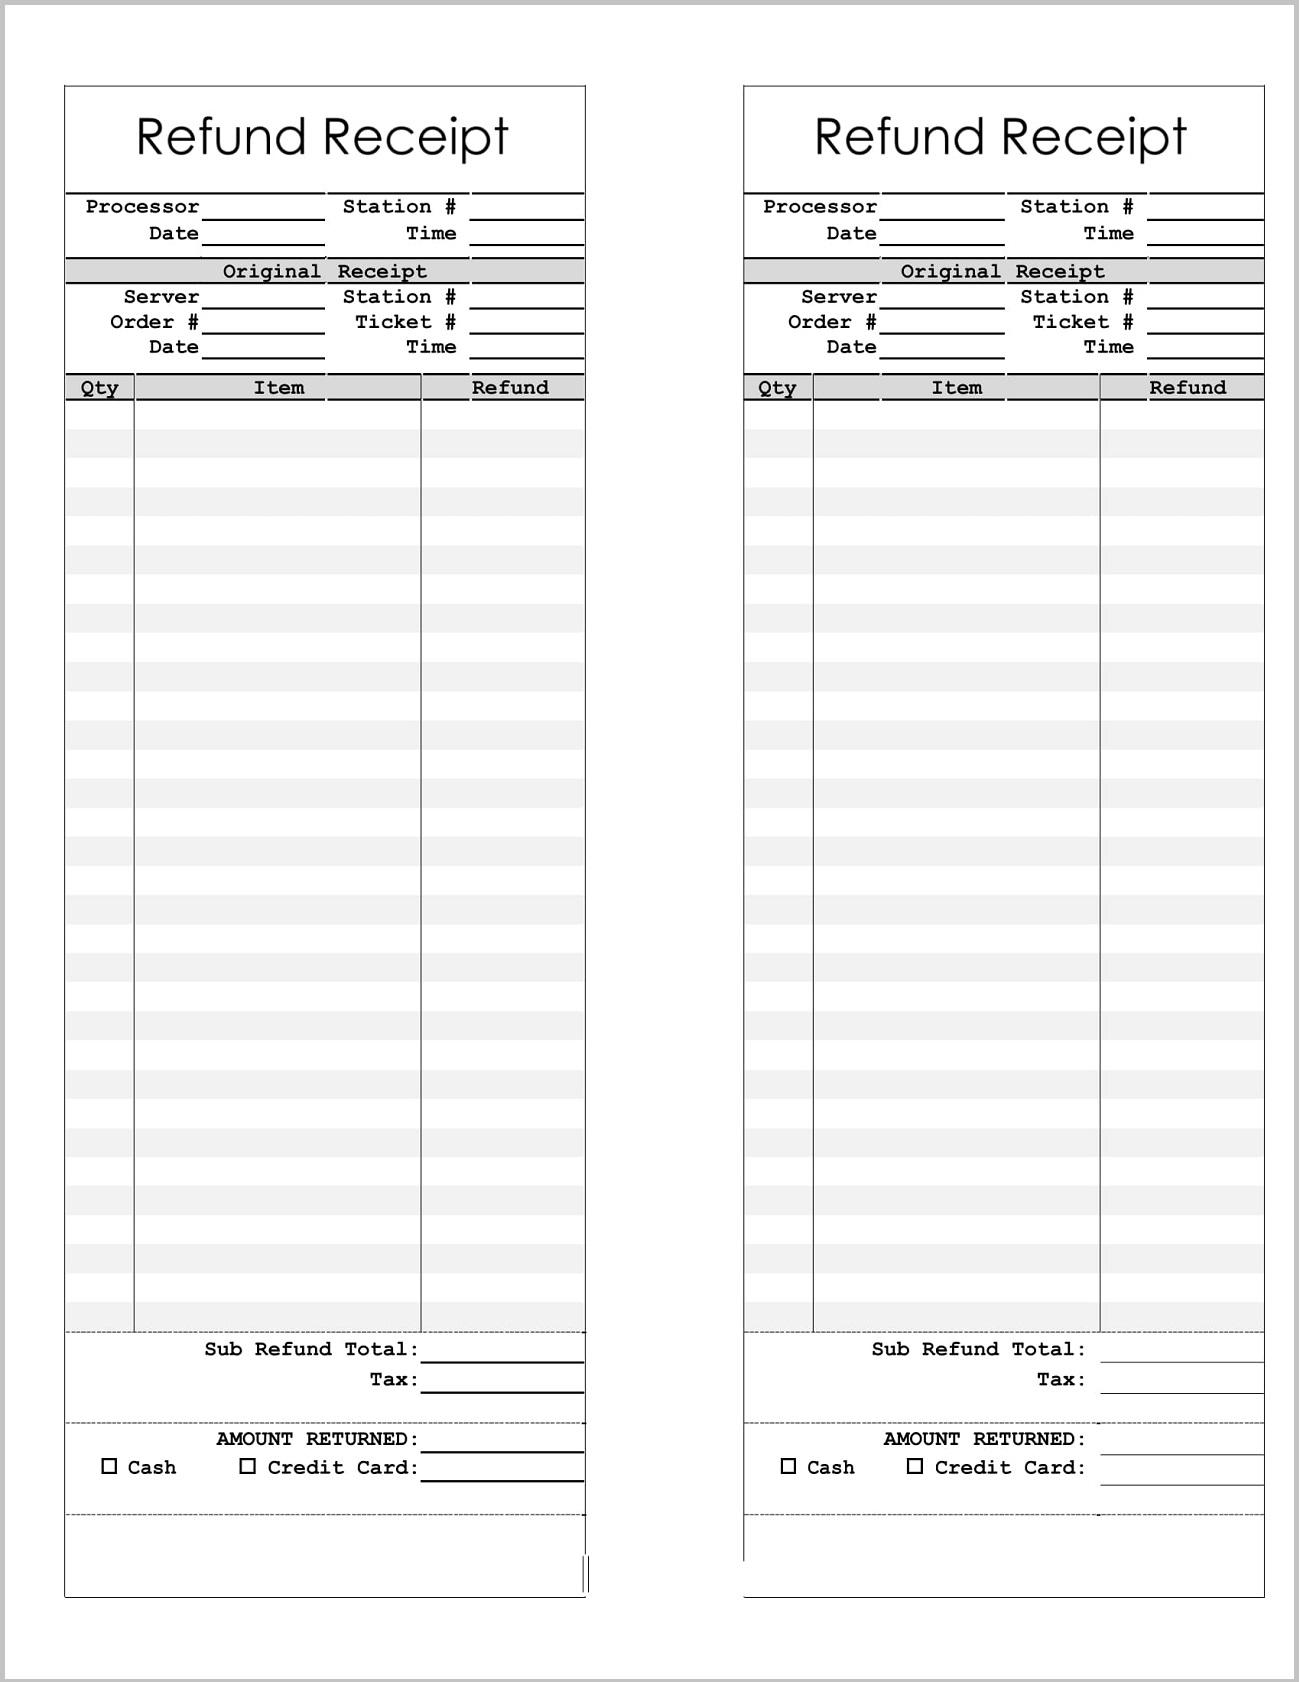 Refund Receipt Template Word Form